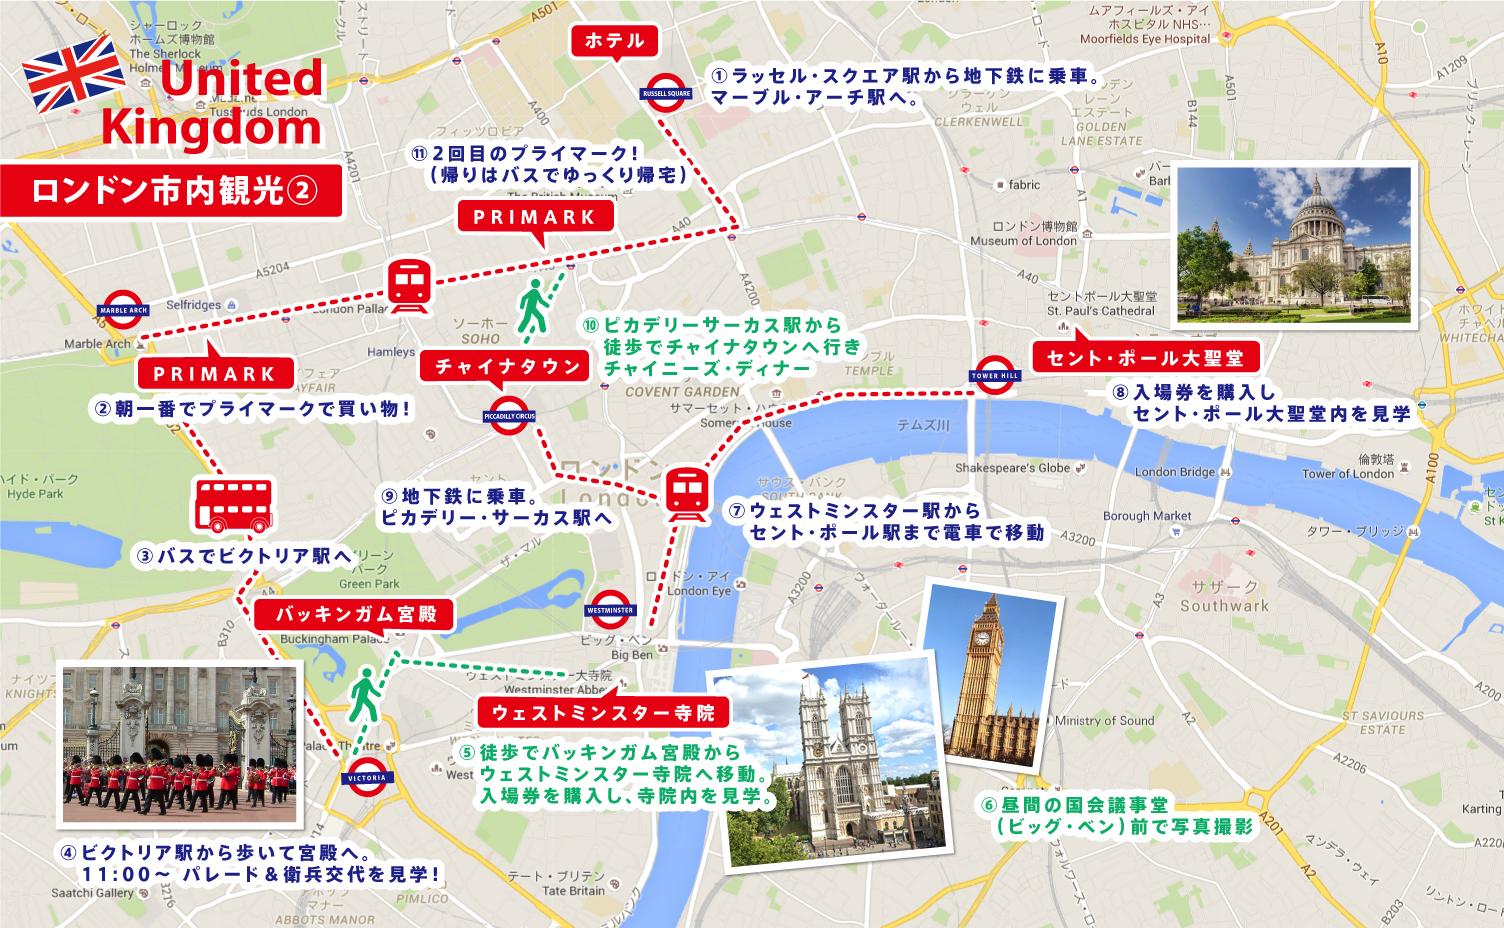 ロンドン・イギリスのレストラン、ホテルなど観光情報を紹介                    ロンドン観光ブログ